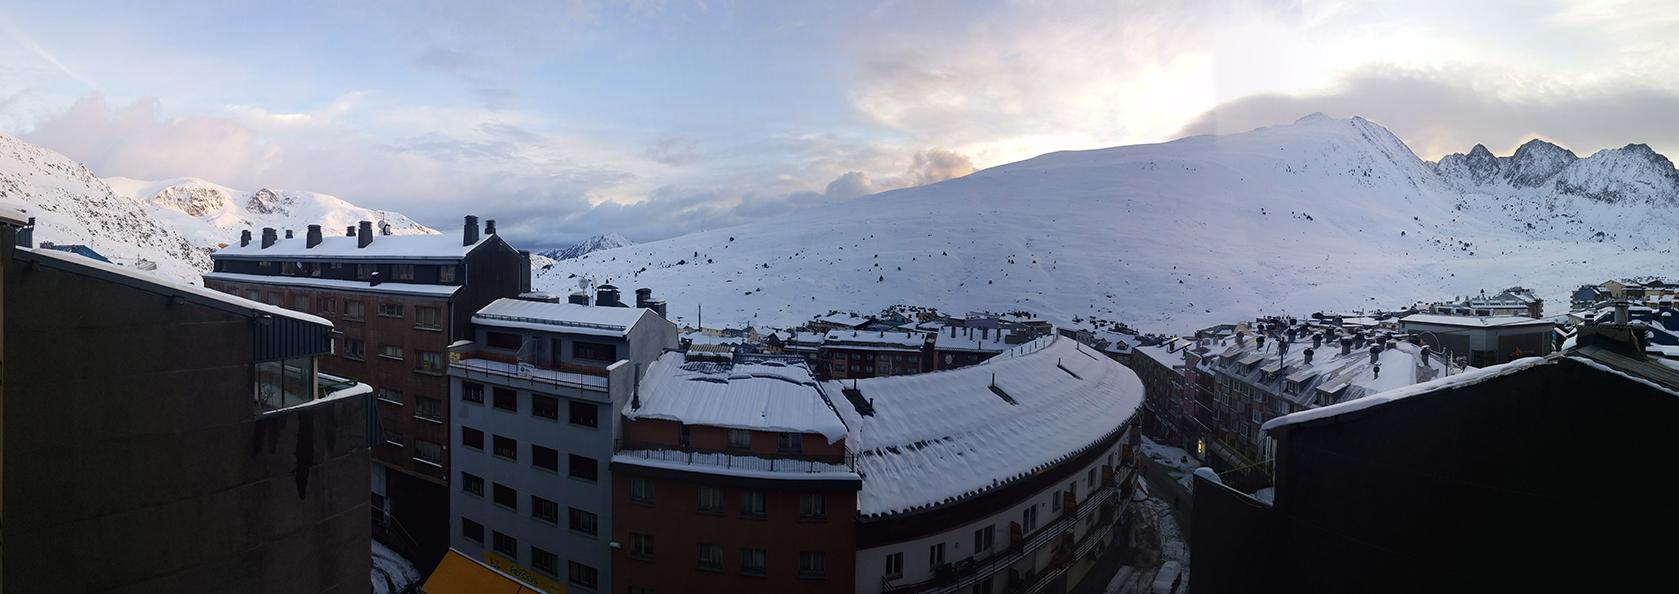 הנוף מחלון חדר המלון שלנו